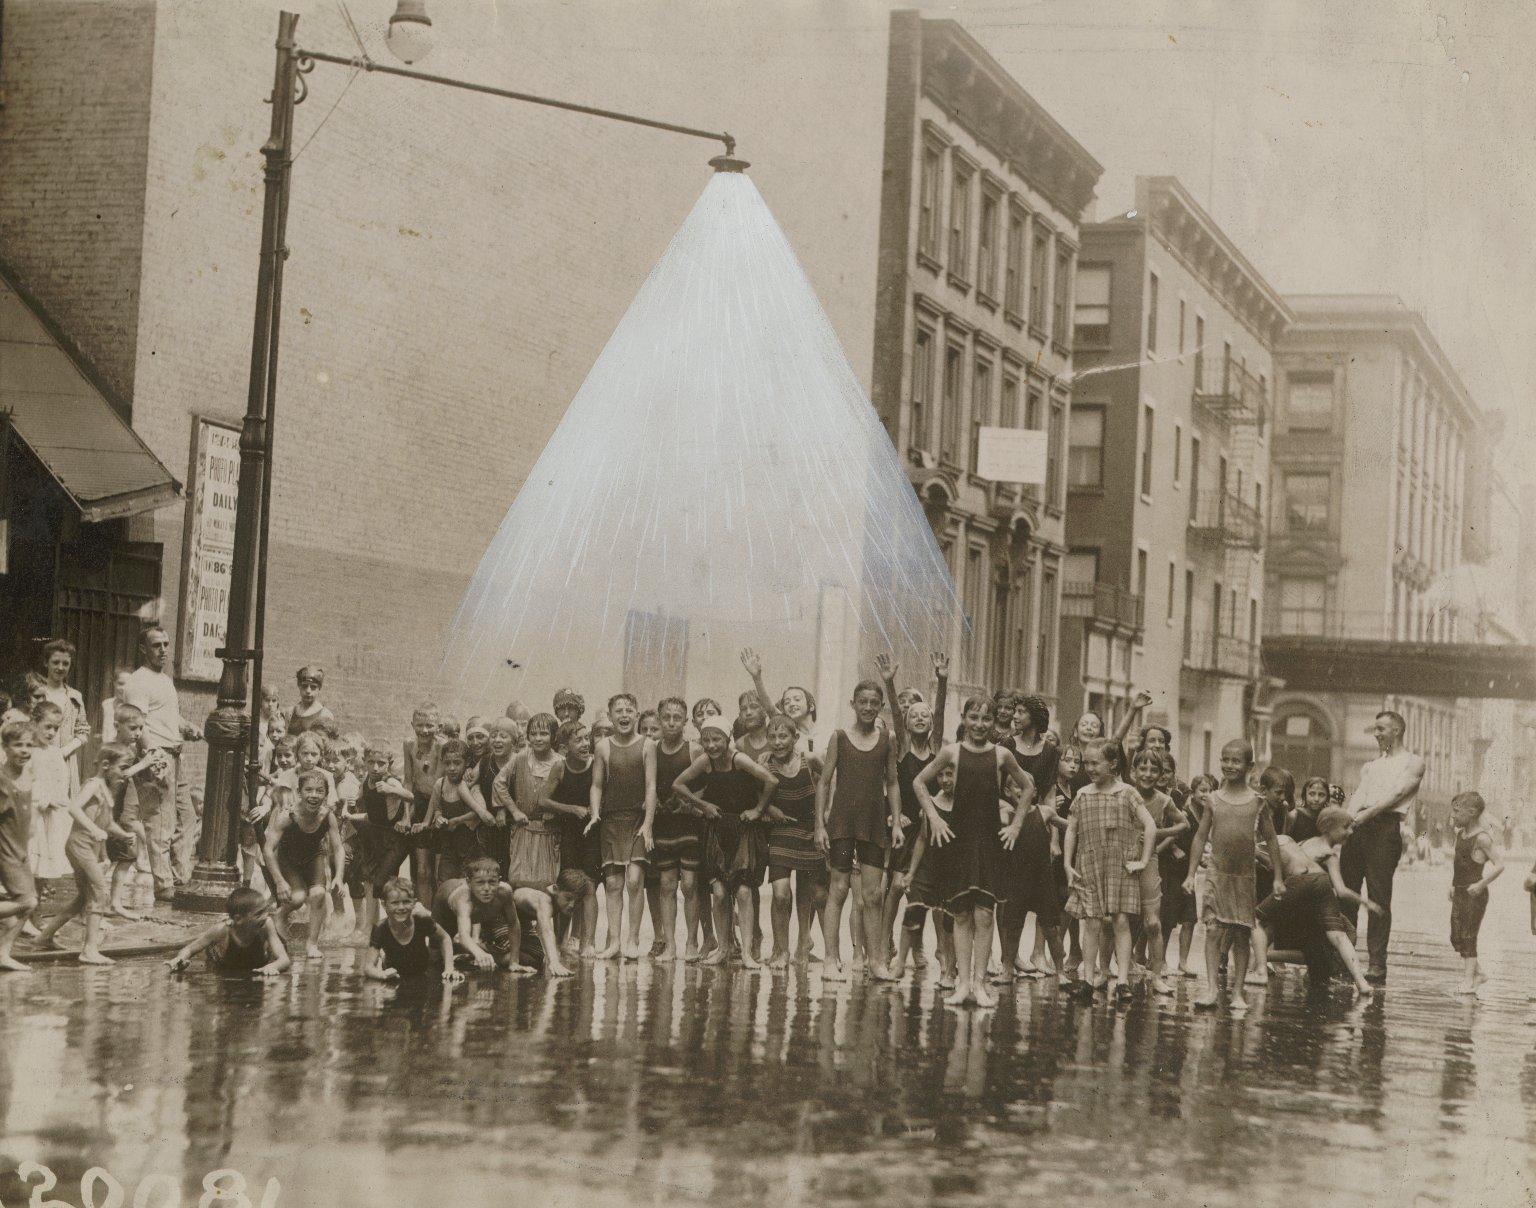 Пожарные установили спринклер для развлечения детей на перекрестке 85-ой улицы и Лексингтон Авеню, Нью-Йорк, США. Август 1920 года